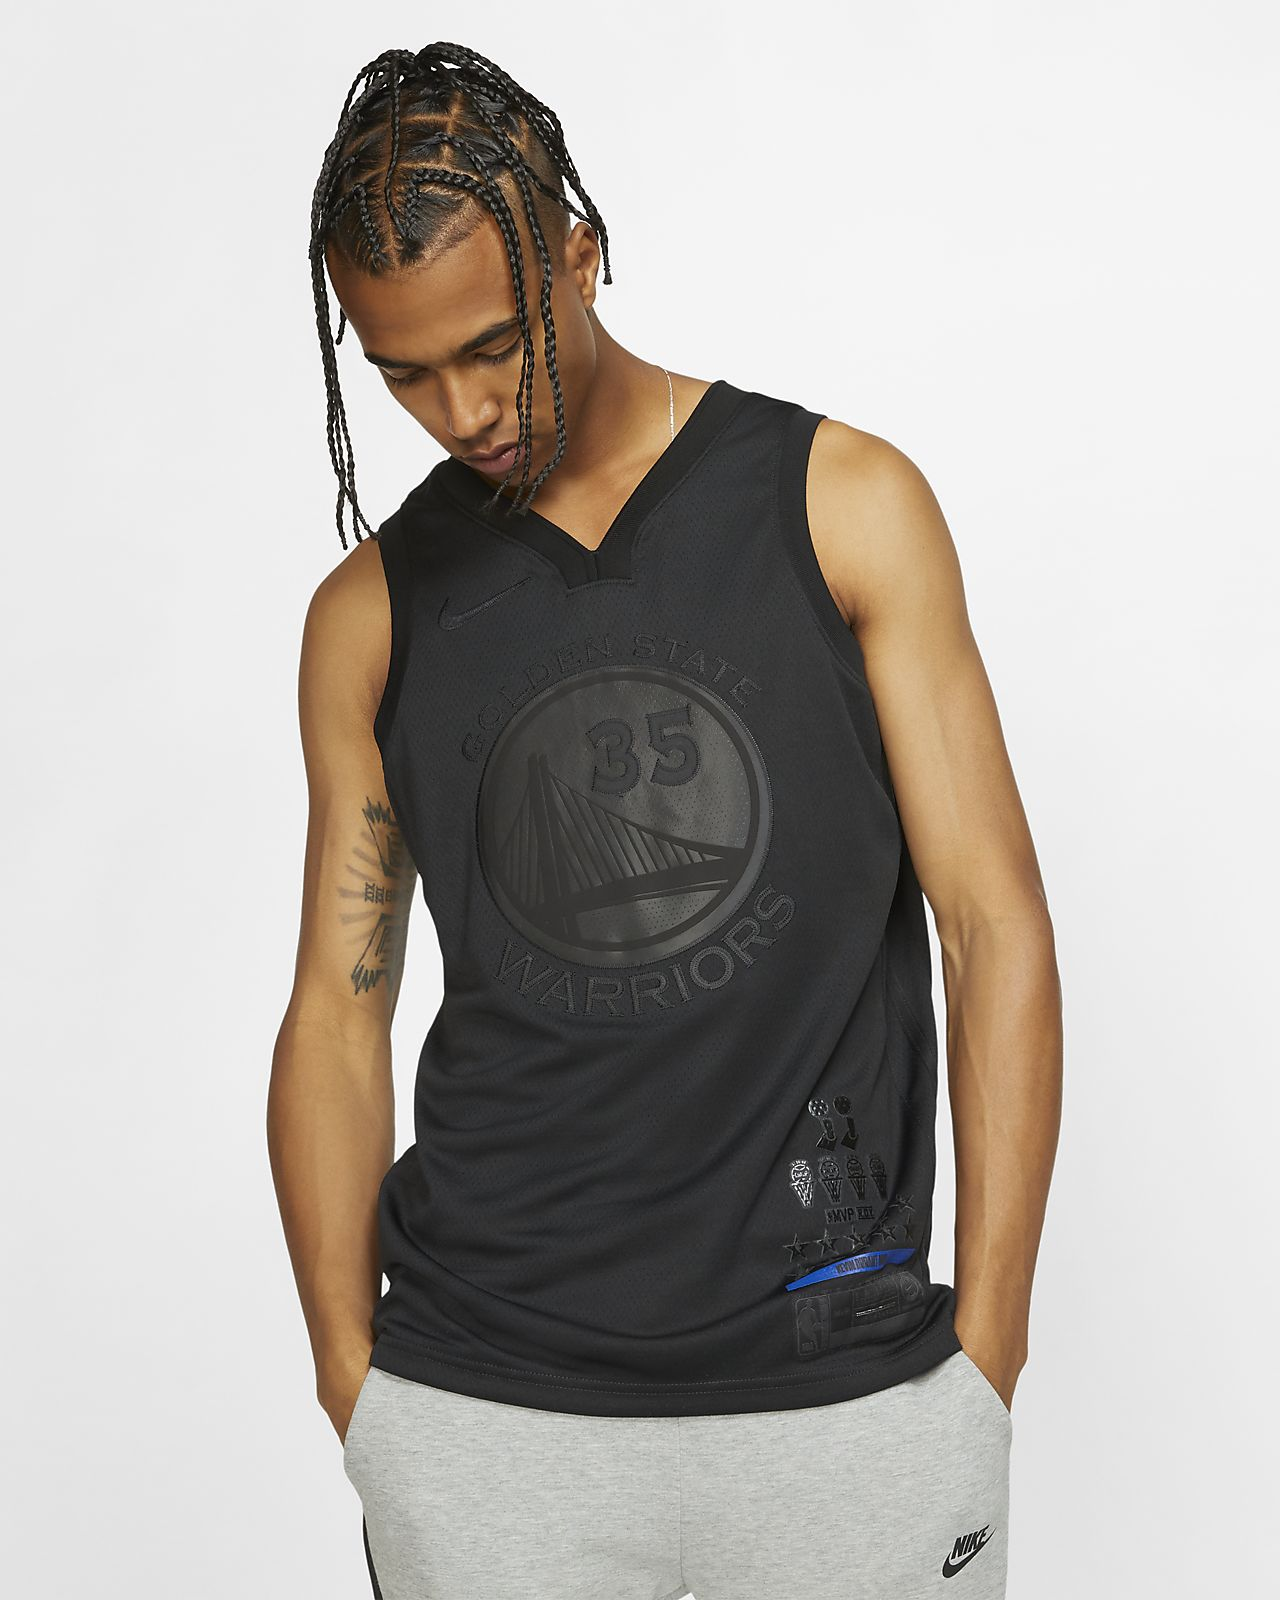 Ανδρική συνδεδεμένη φανέλα Nike NBA Kevin Durant MVP Swingman (Golden State Warriors)